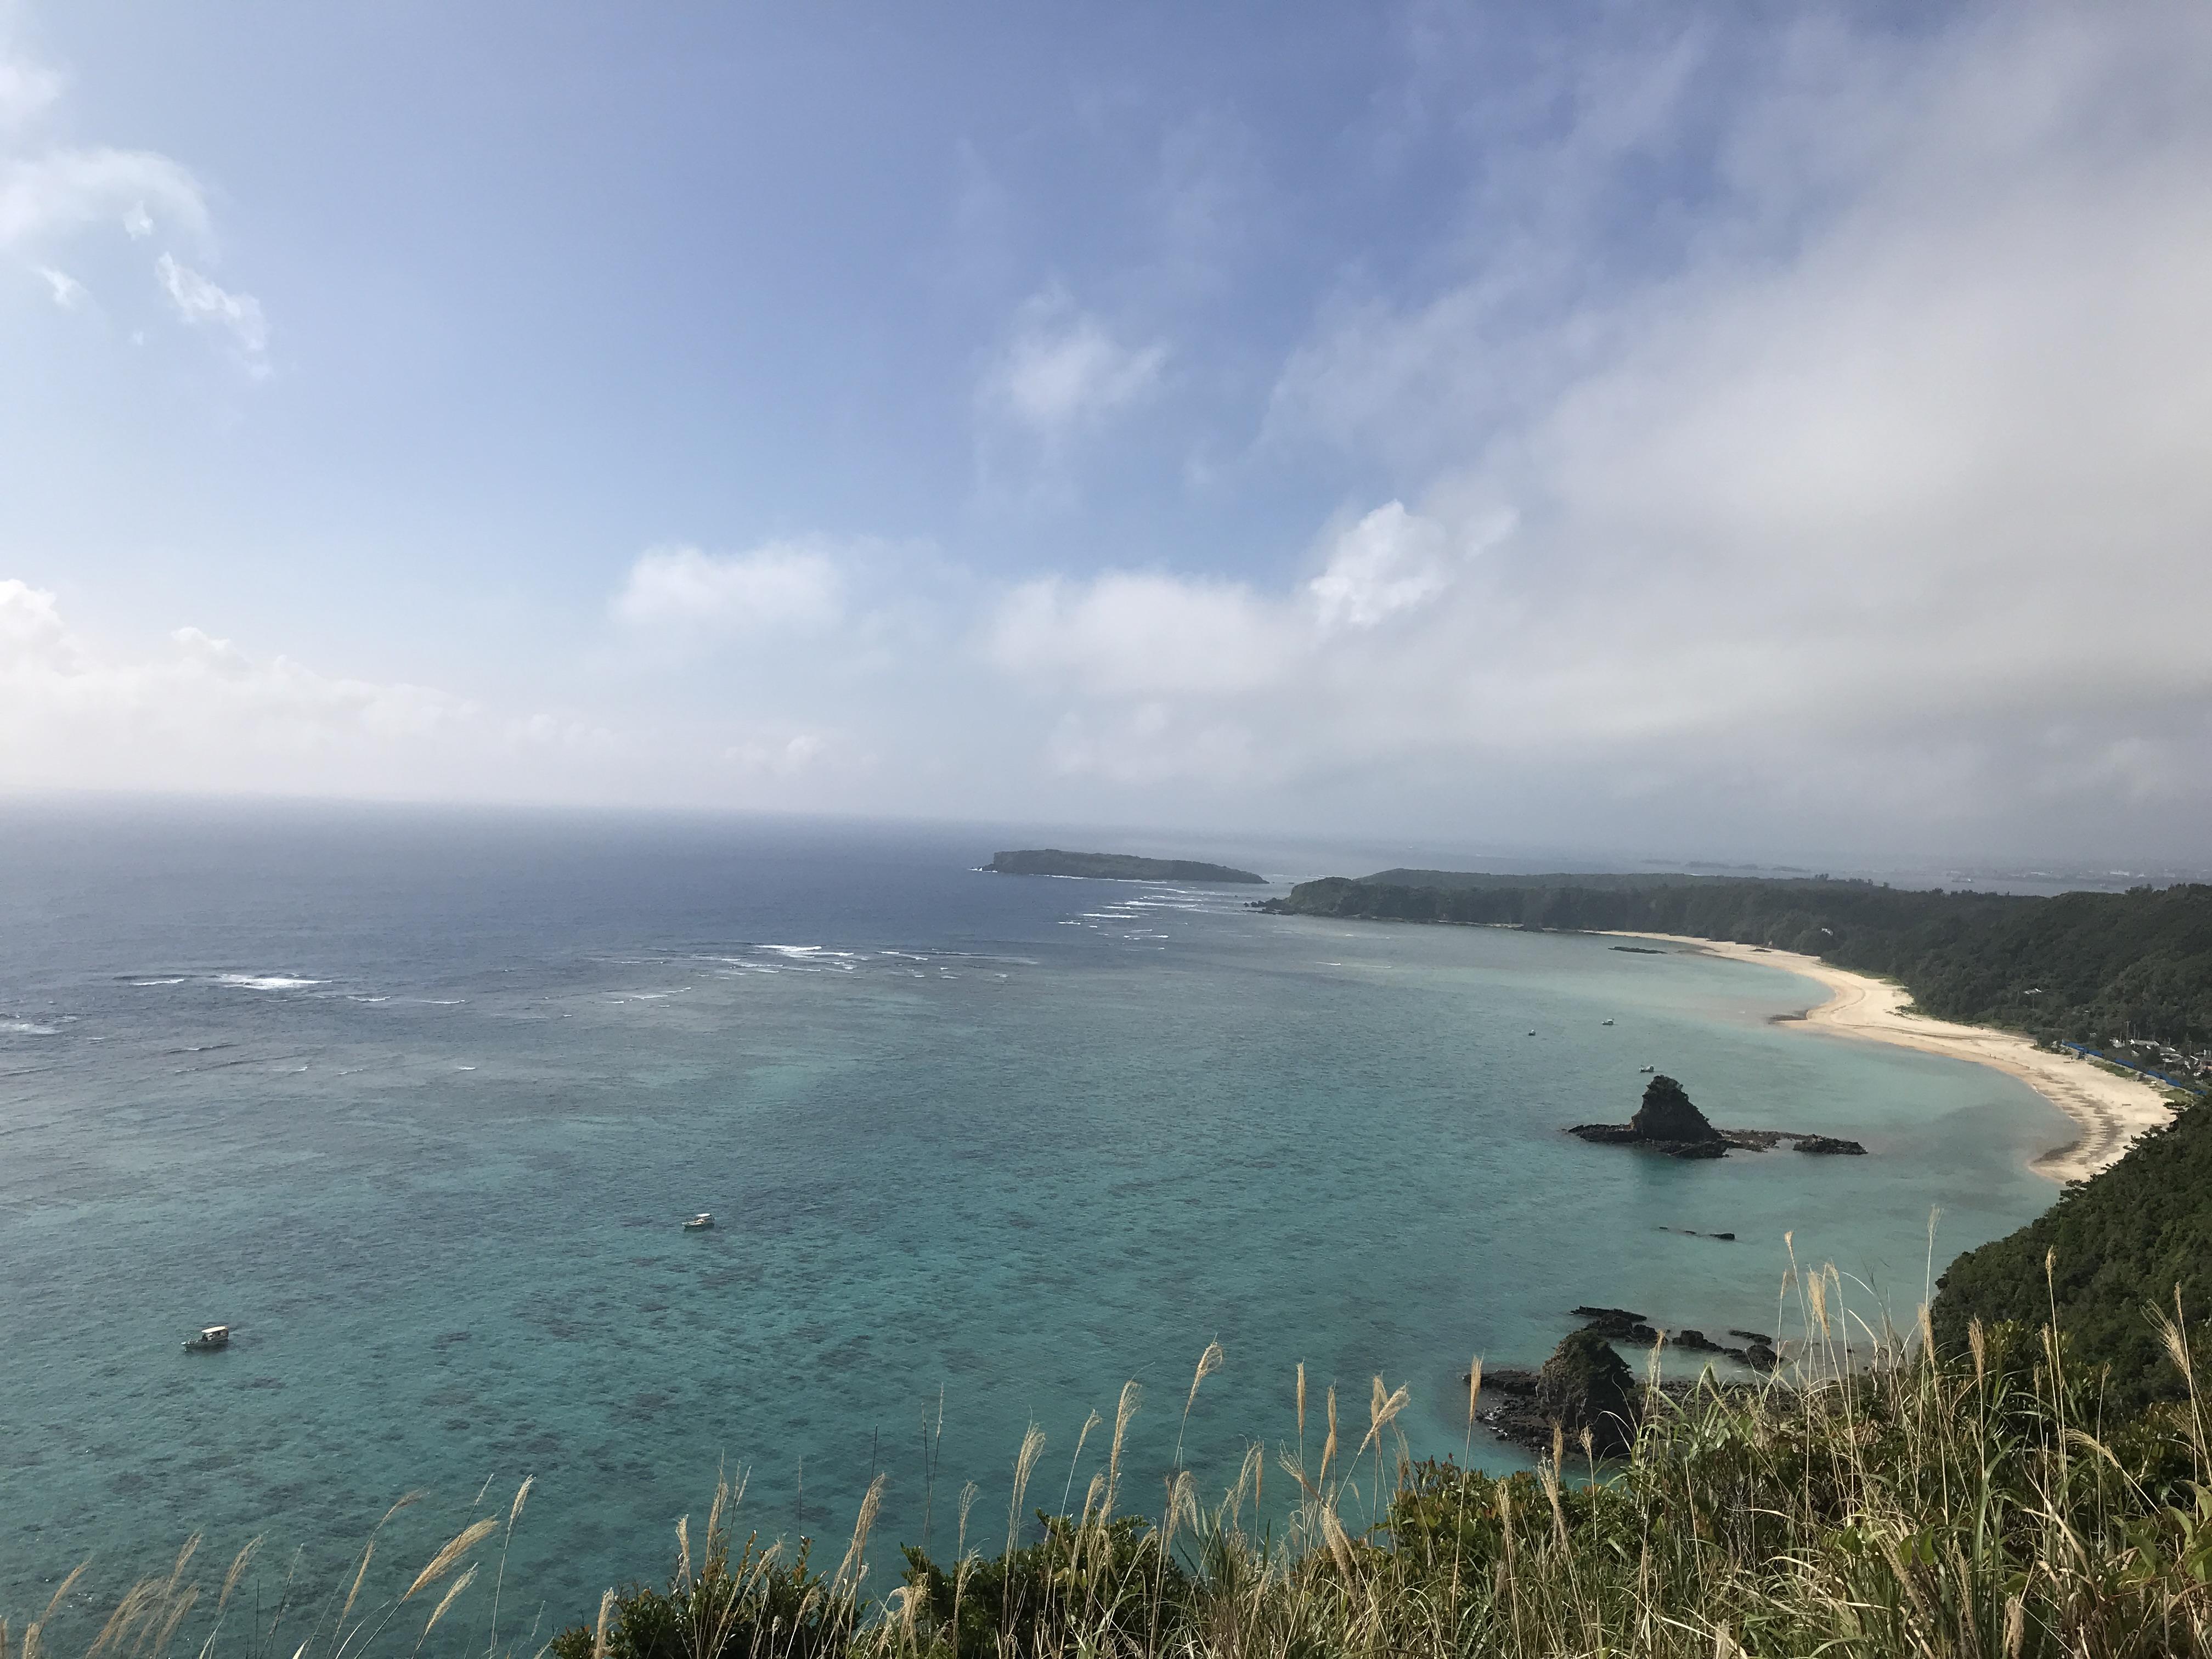 Wandering Okinawa!